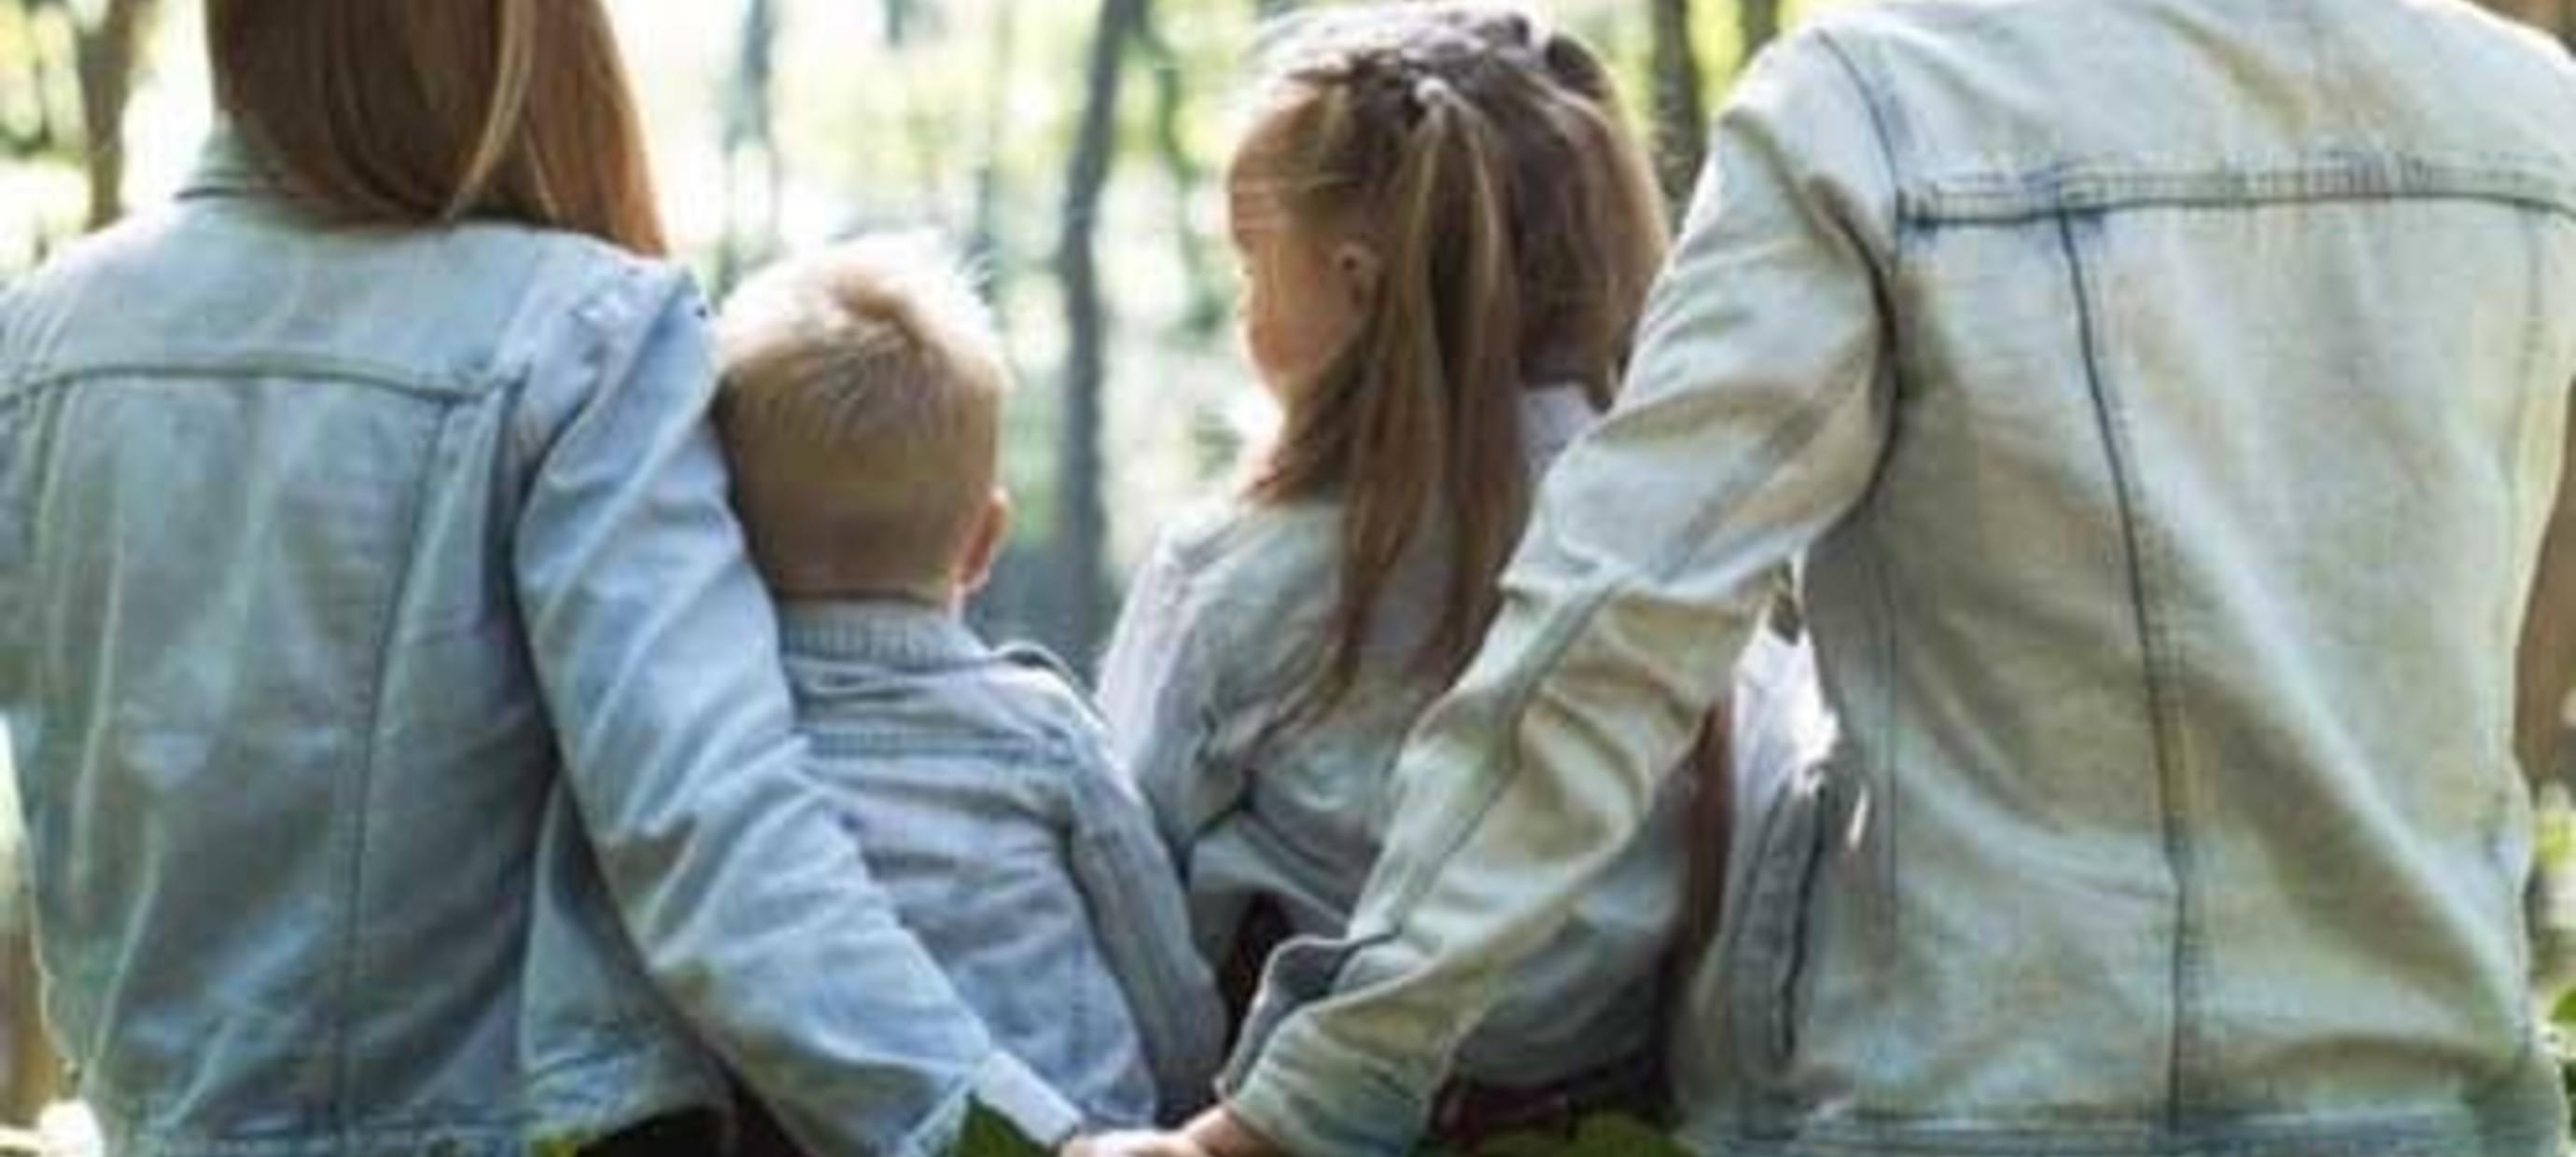 Eerste hulp bij nieuwe thuissituatie – doe jij mee aan de relatie challenge?